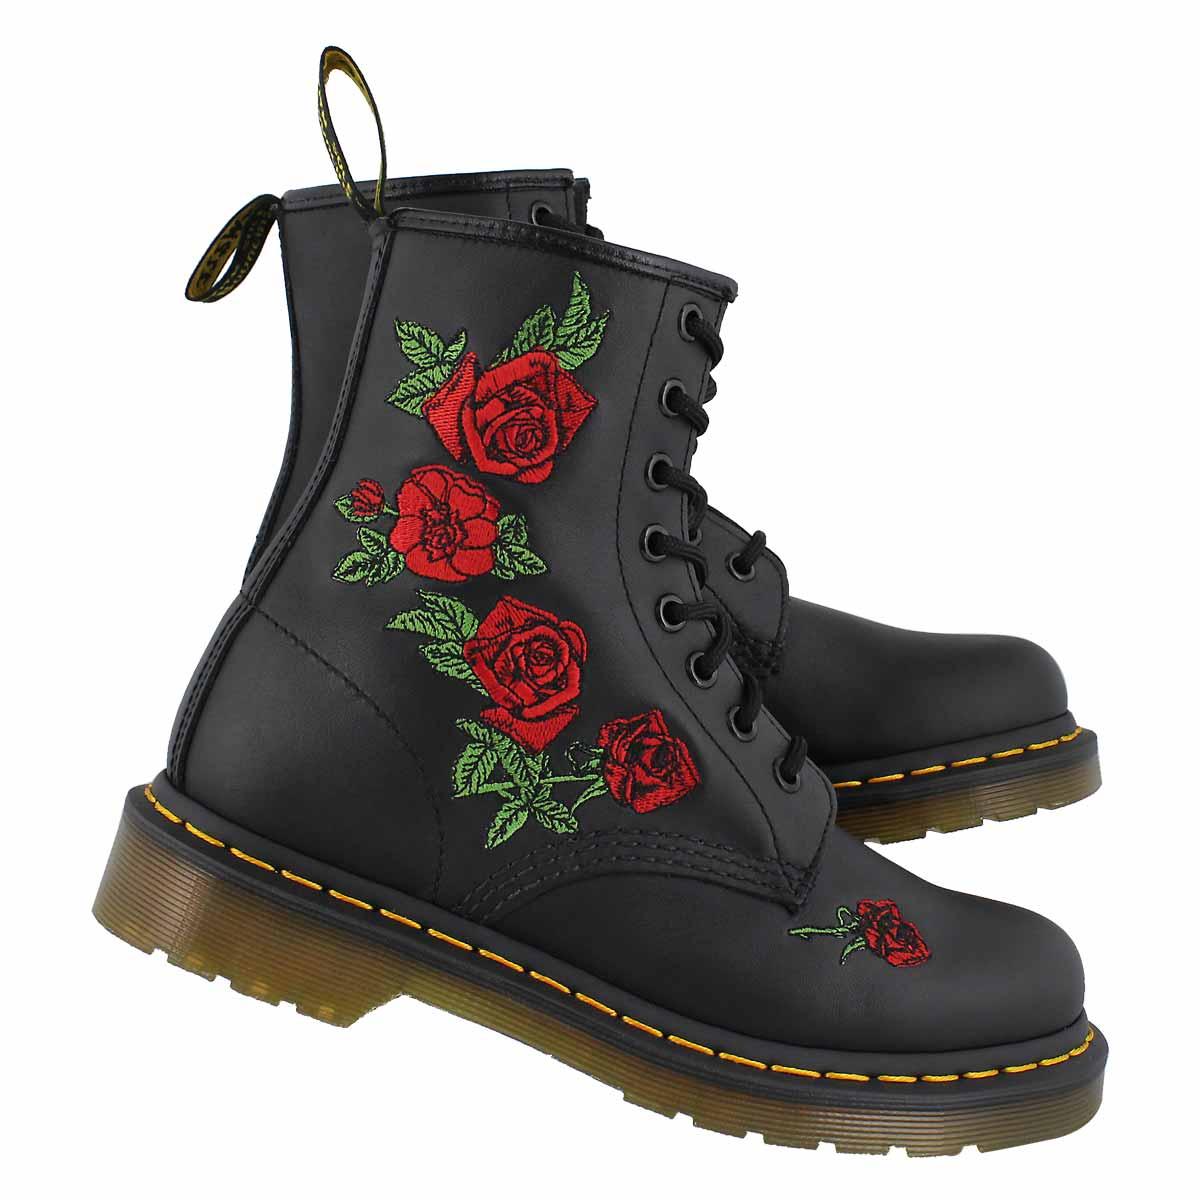 Lds 1460 Vonda black/red boot